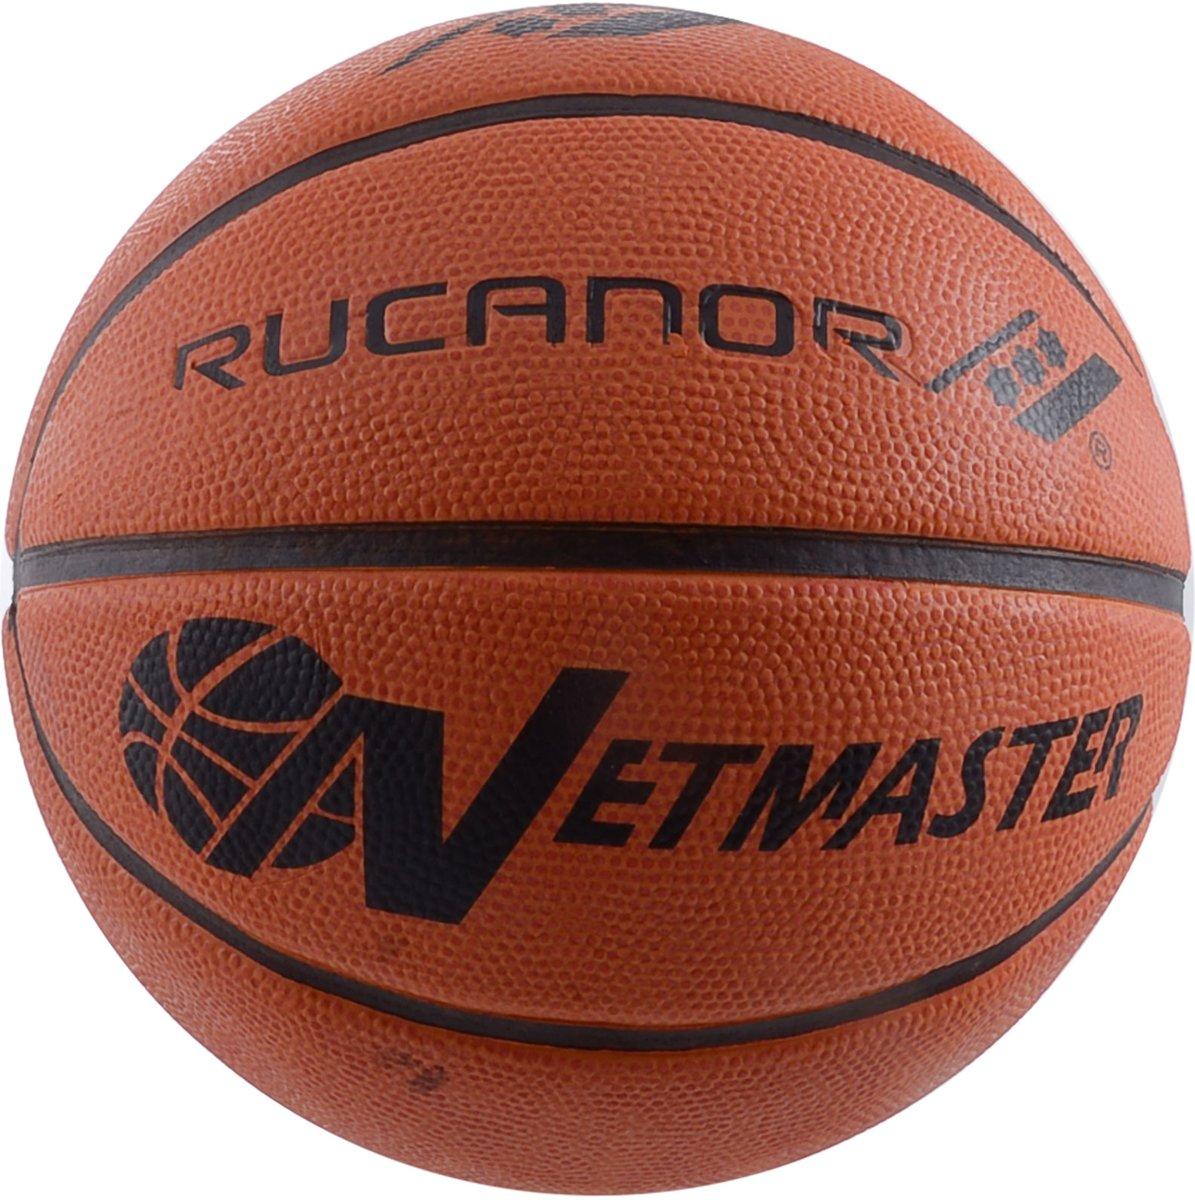 Rucanor BasketbalKinderen en volwassenen - oranje kopen